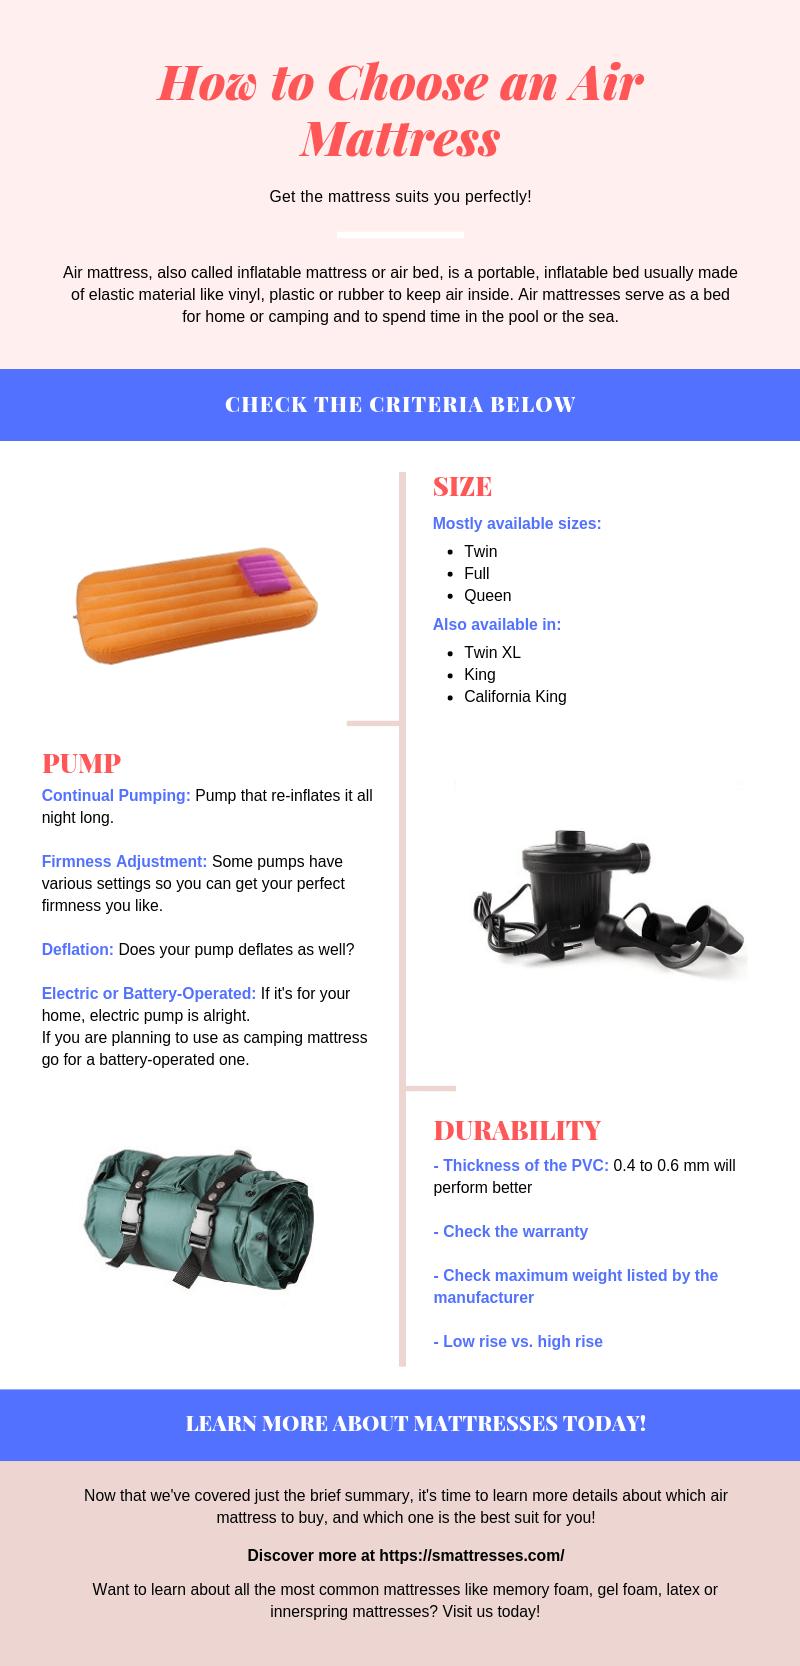 How to Choose Air Mattress